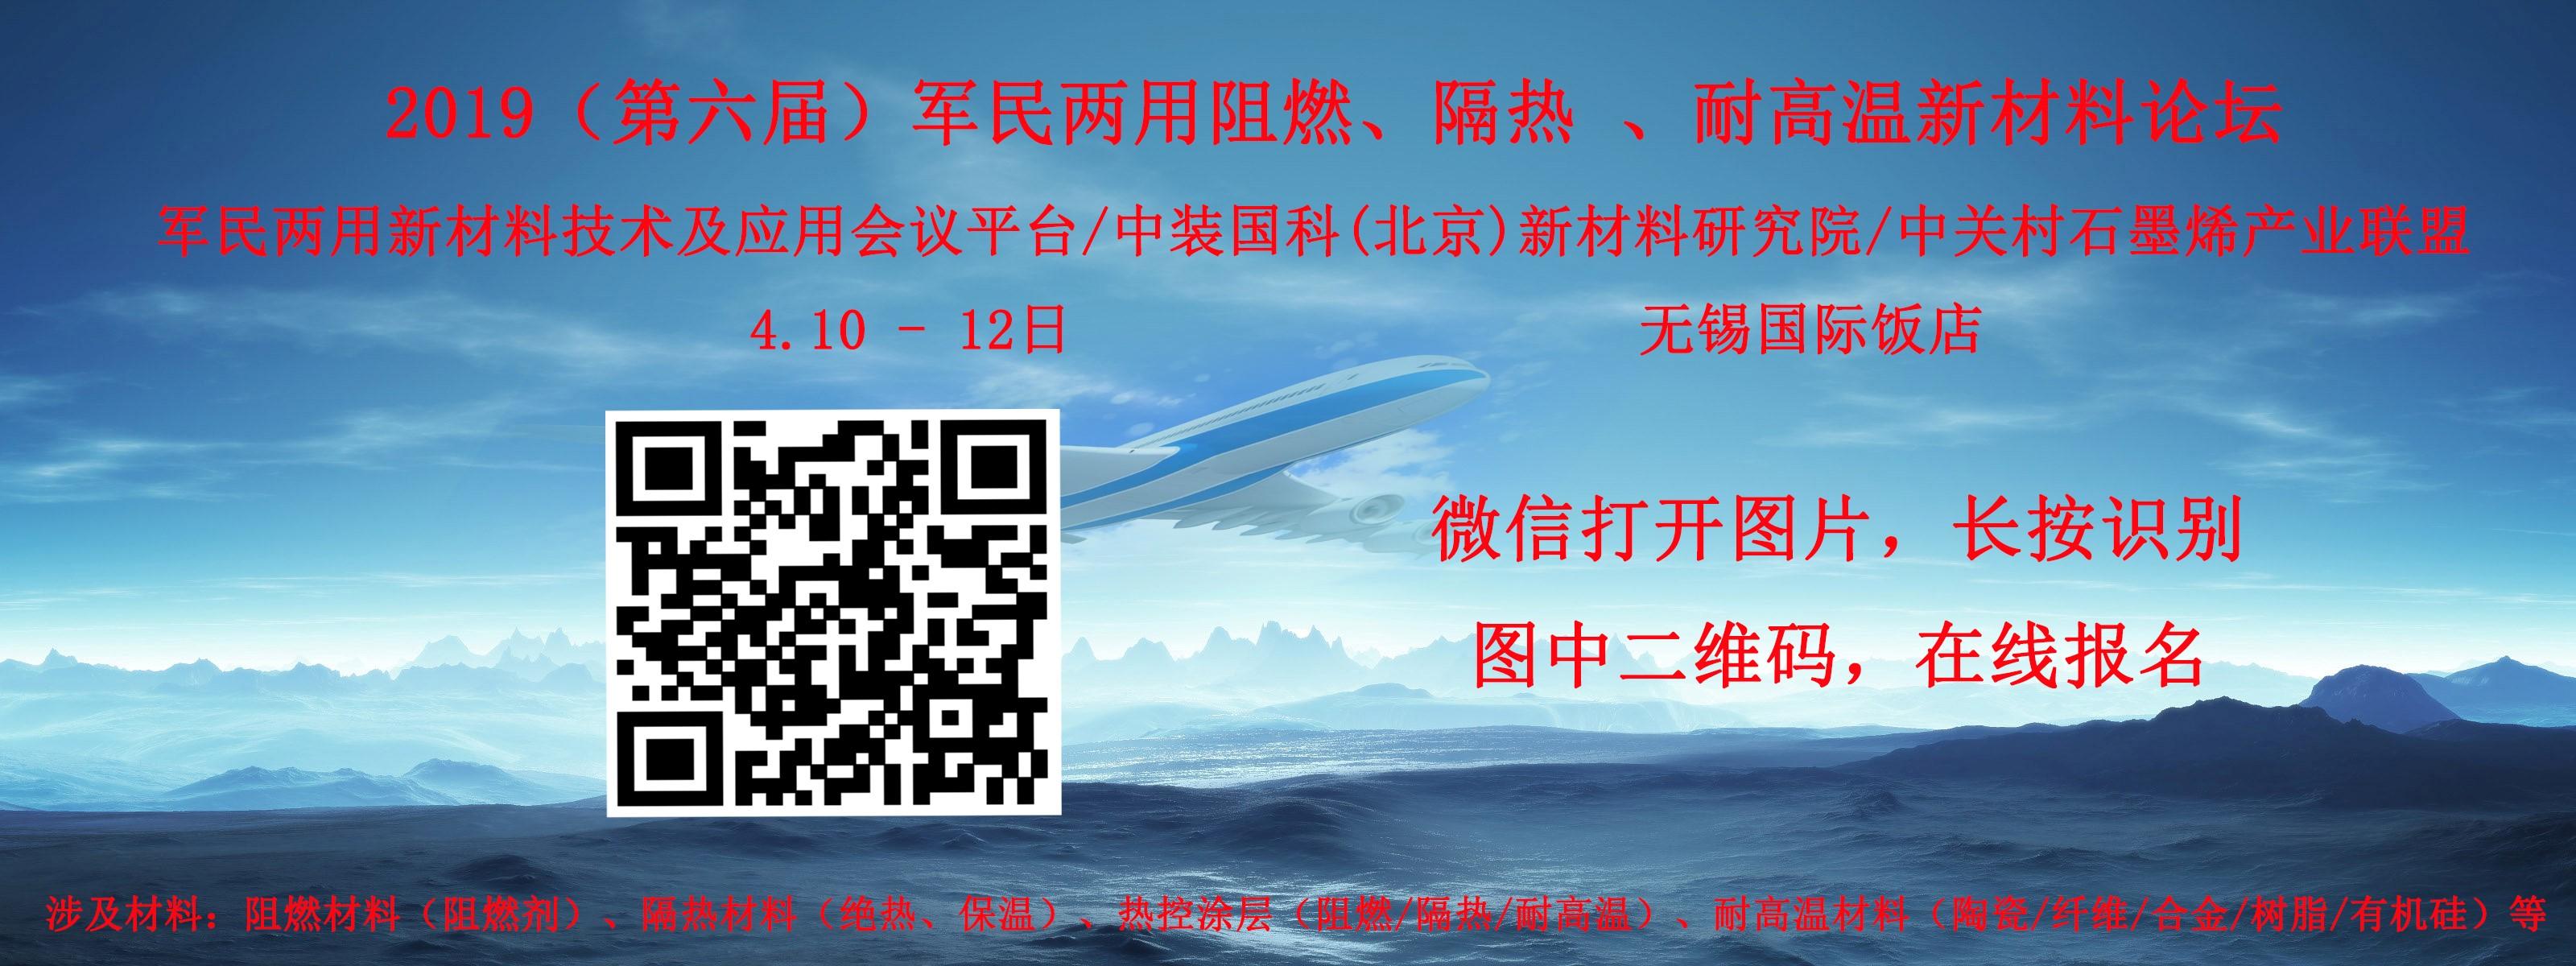 微信图片_20190221201544